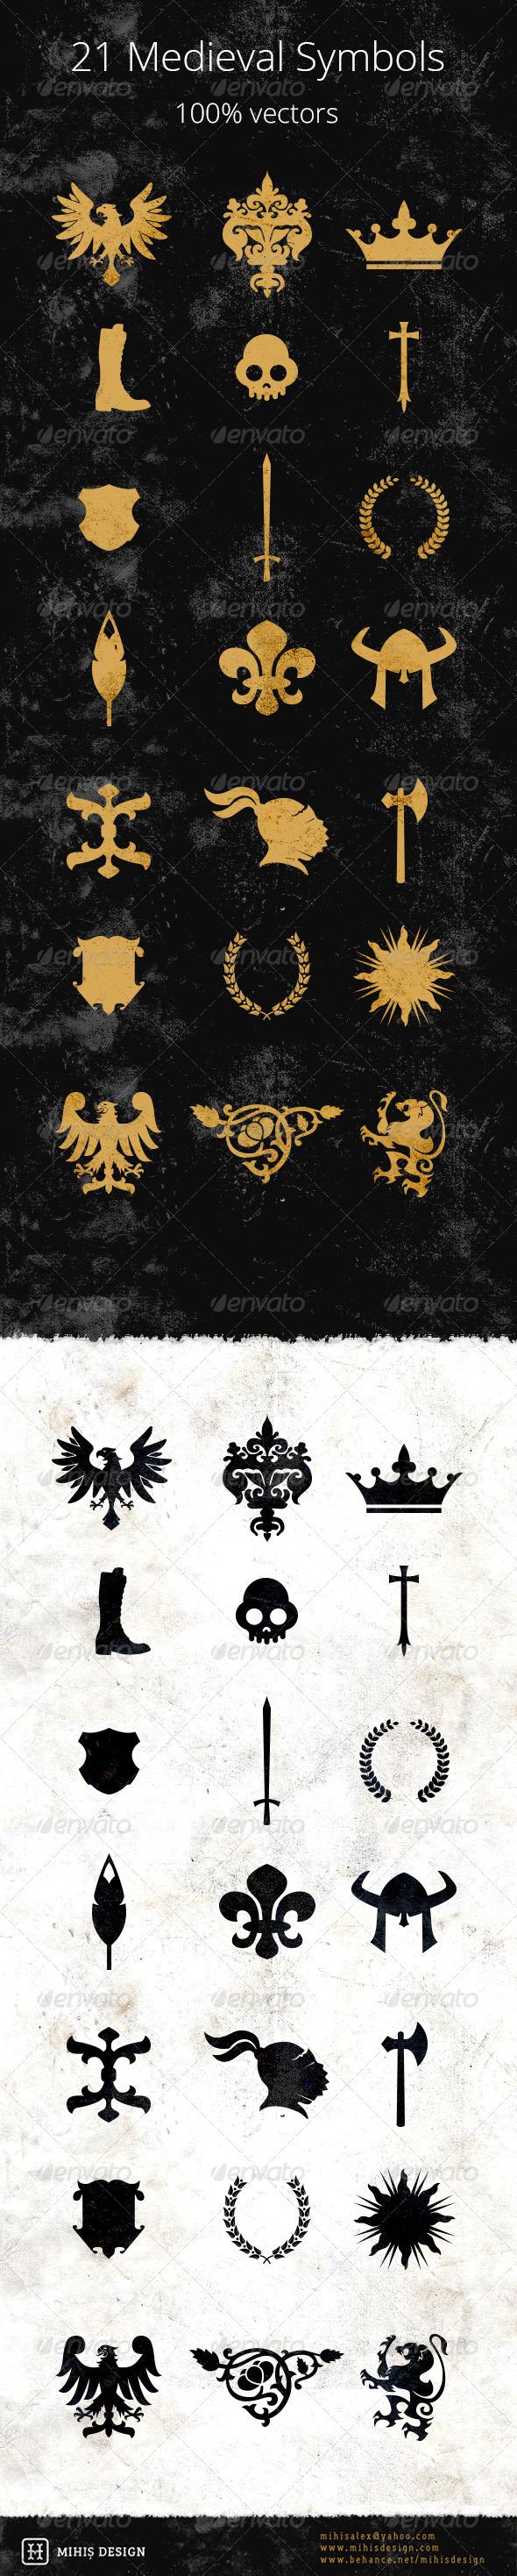 21 Medieval Symbols - Vectors